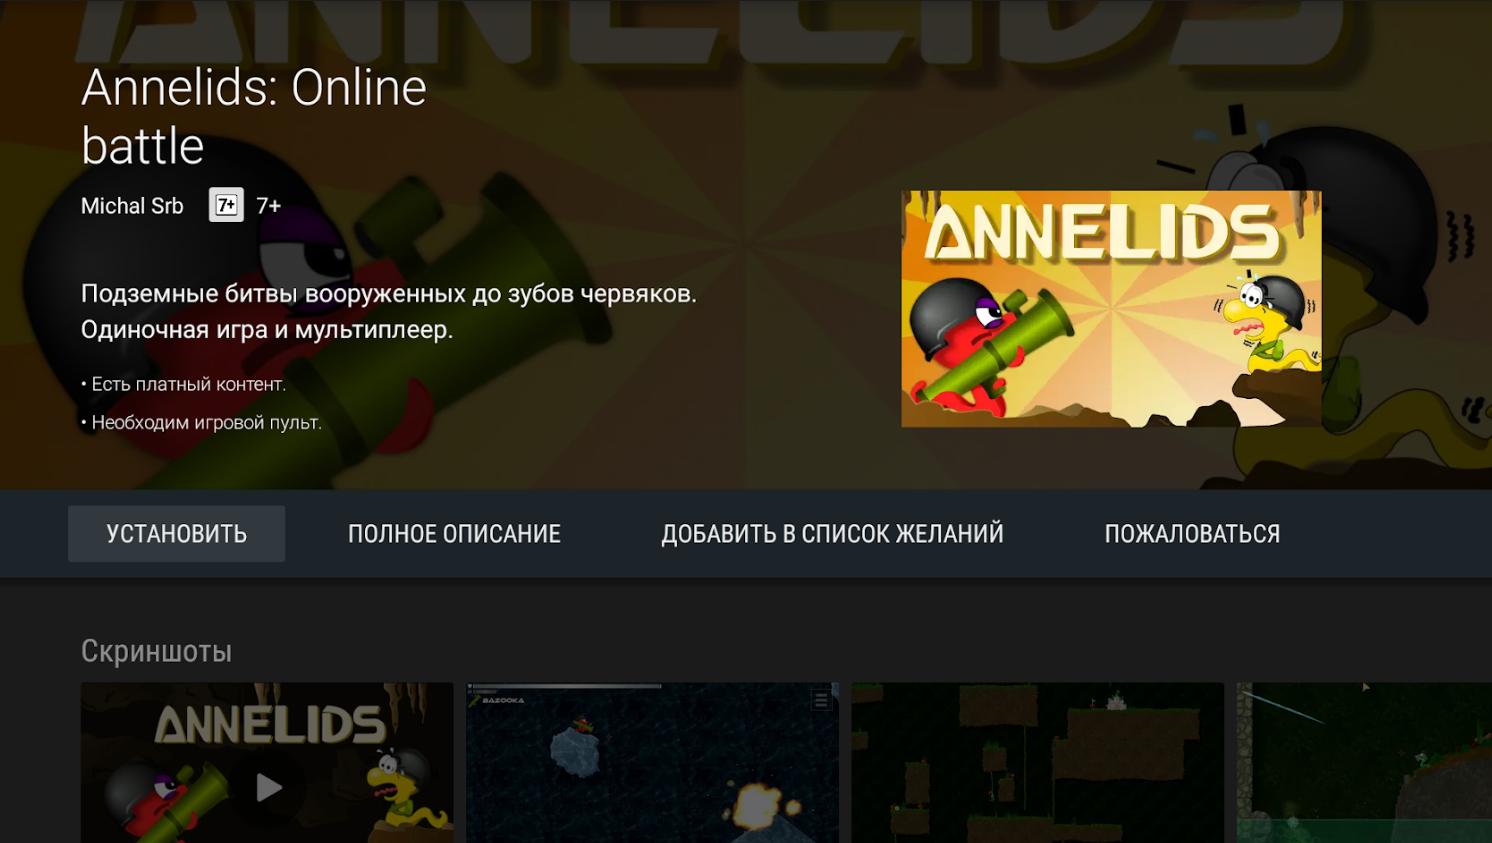 Окей, Google, давай смотреть ТВ»: обзор MAG425A — украинской